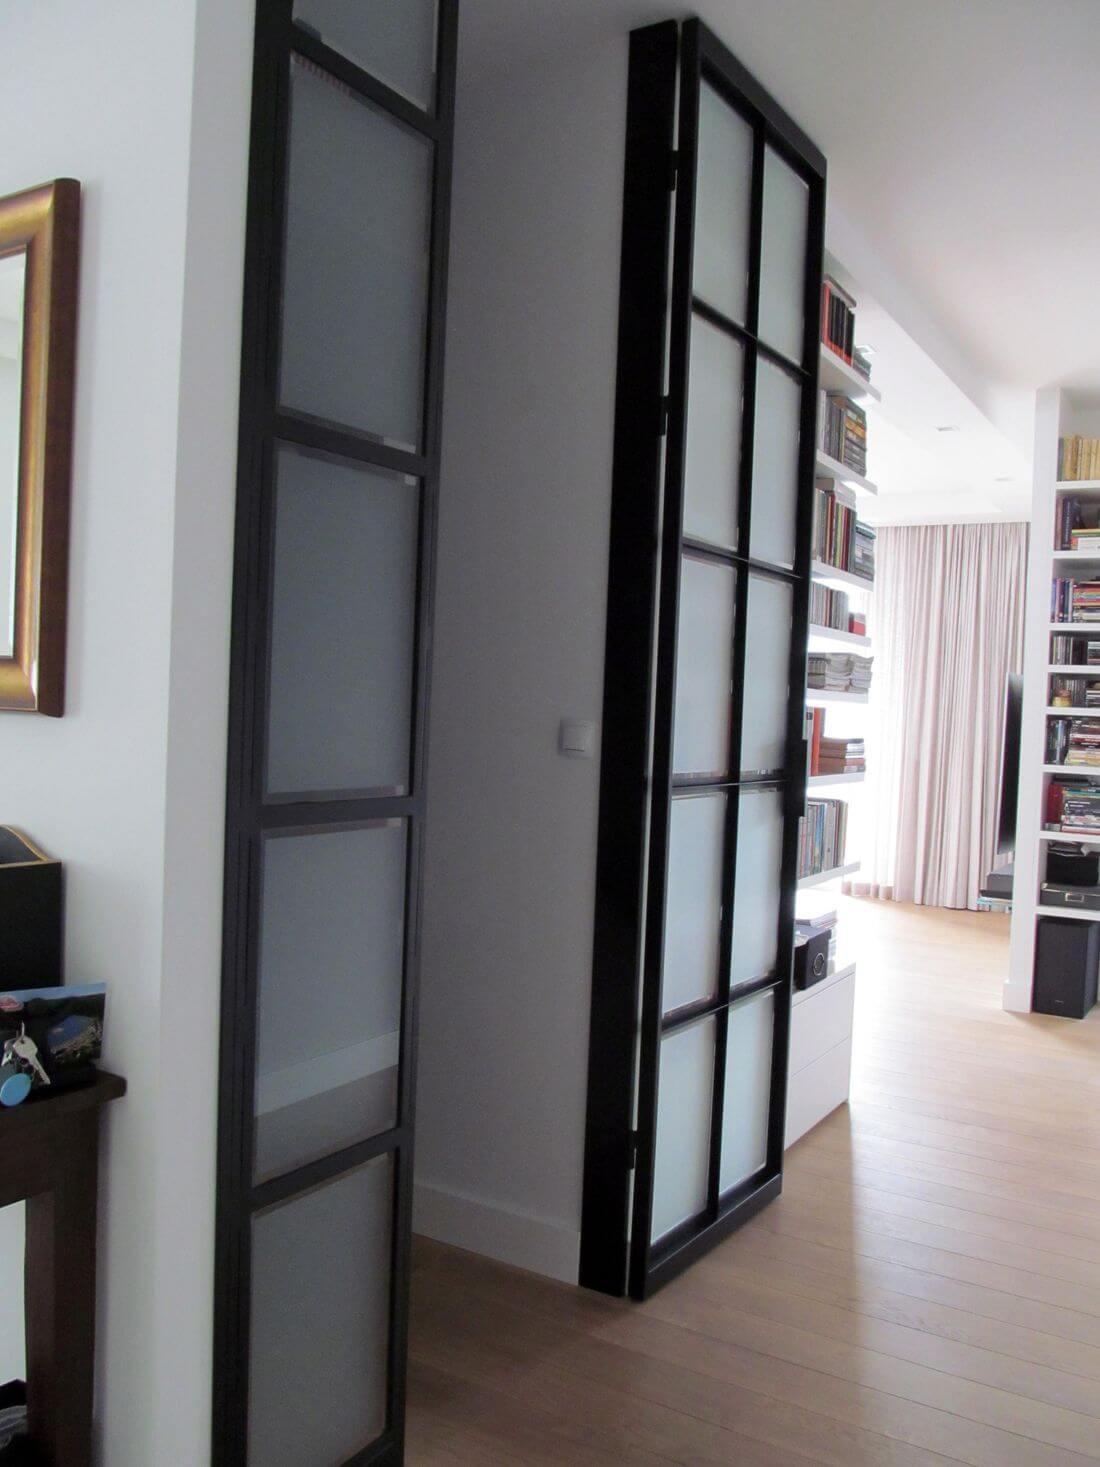 Drzwi Loftowe do Garderoby lub Szafy na wysokość całego pomieszczenia – uchylone na oścież